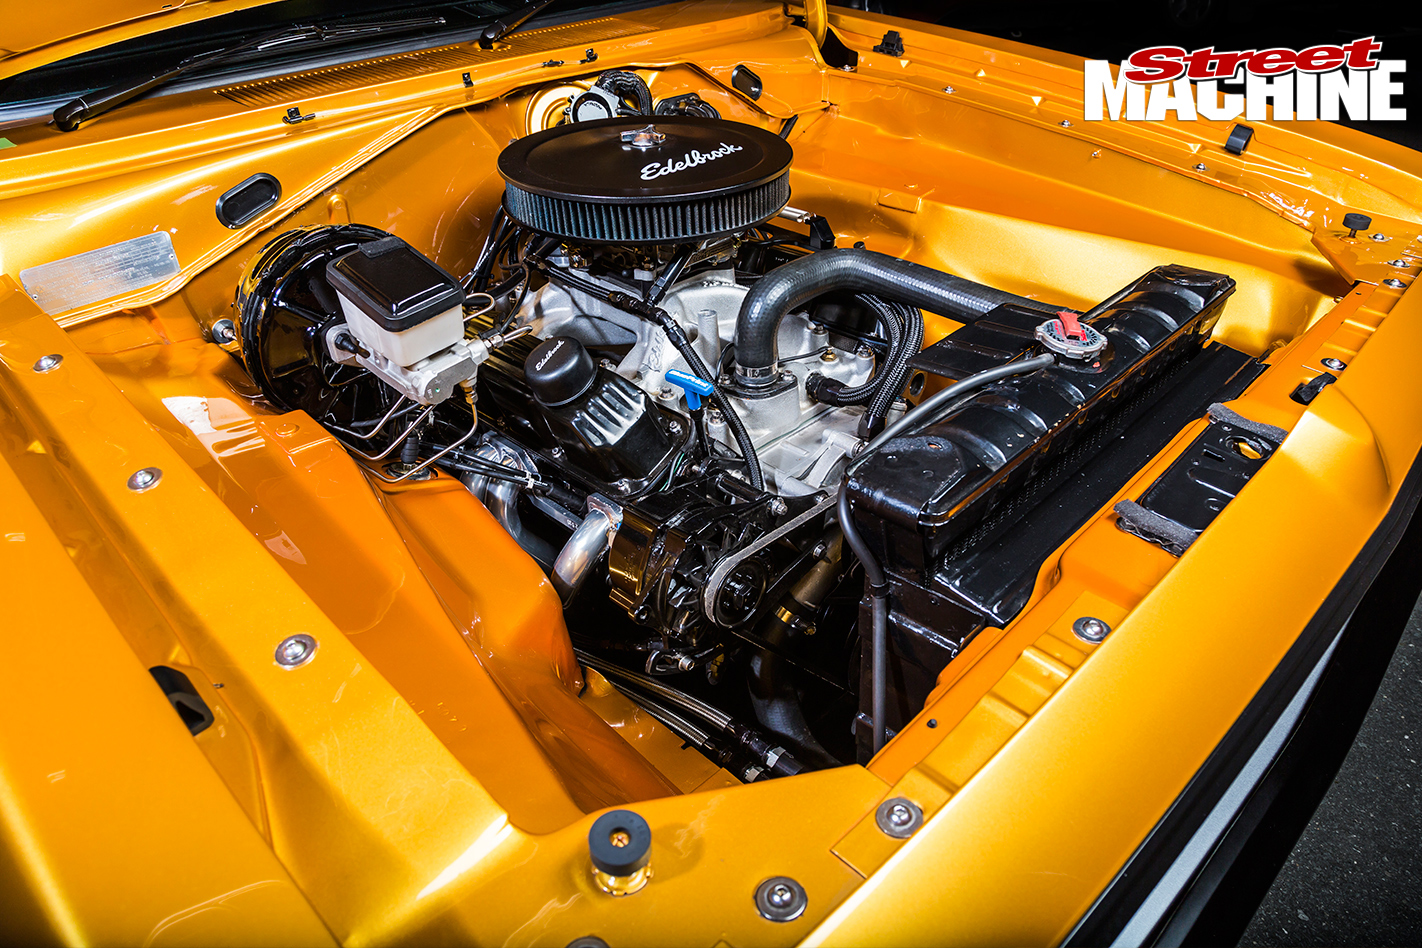 Chrysler -VJ-Charger -engine -bay